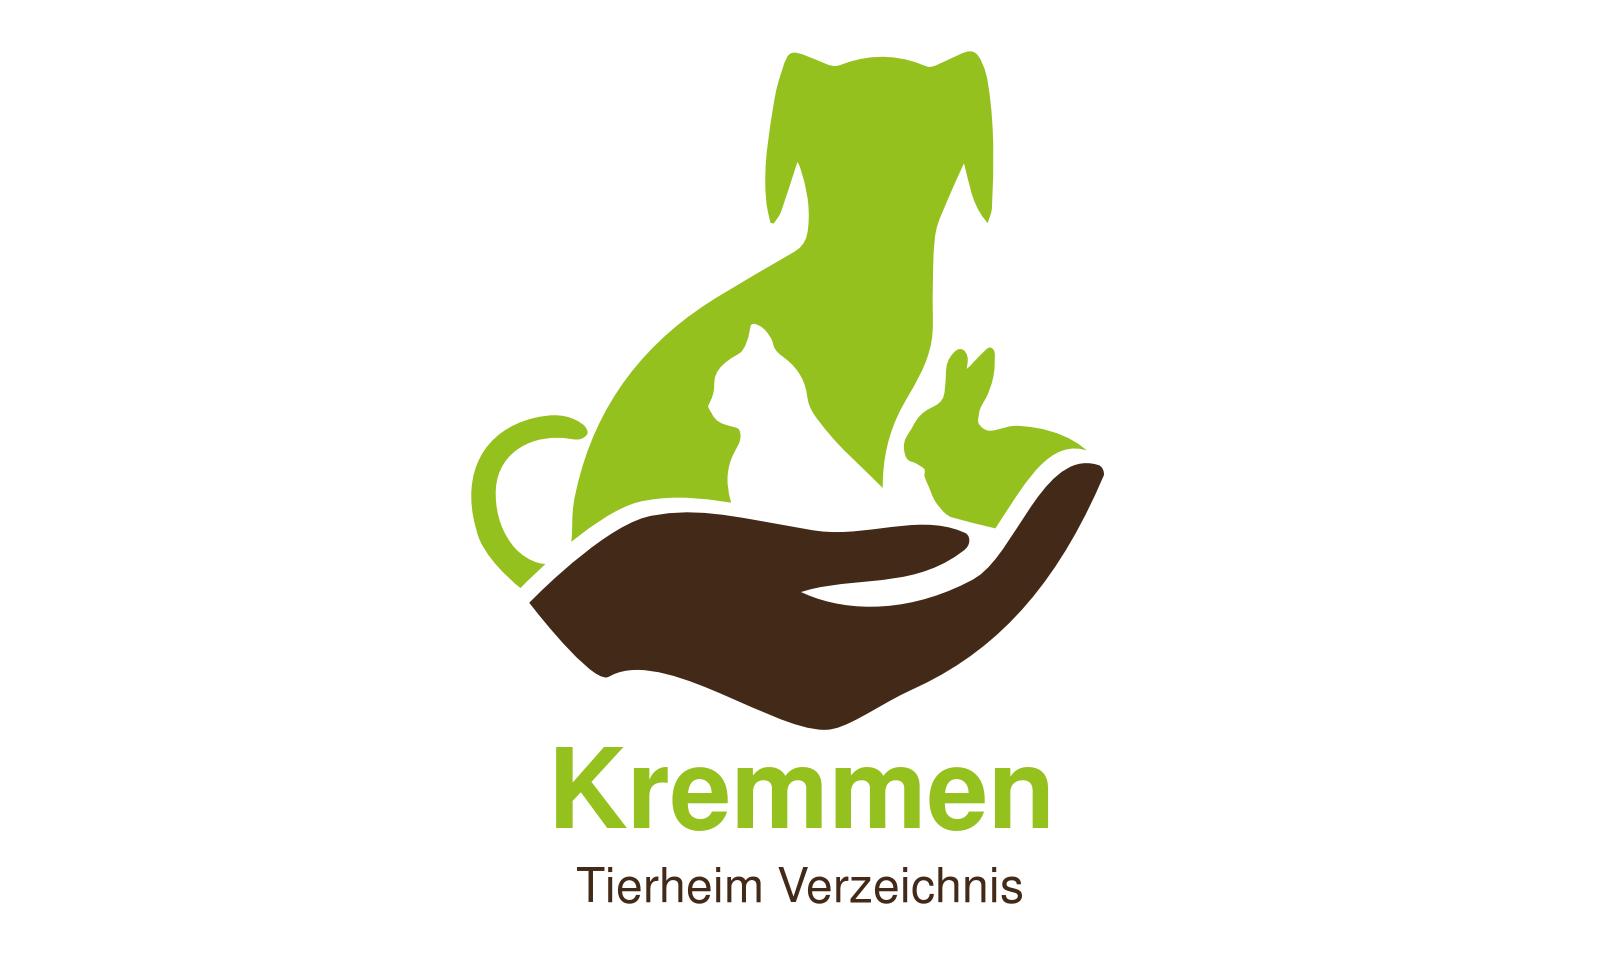 Tierheim Kremmen